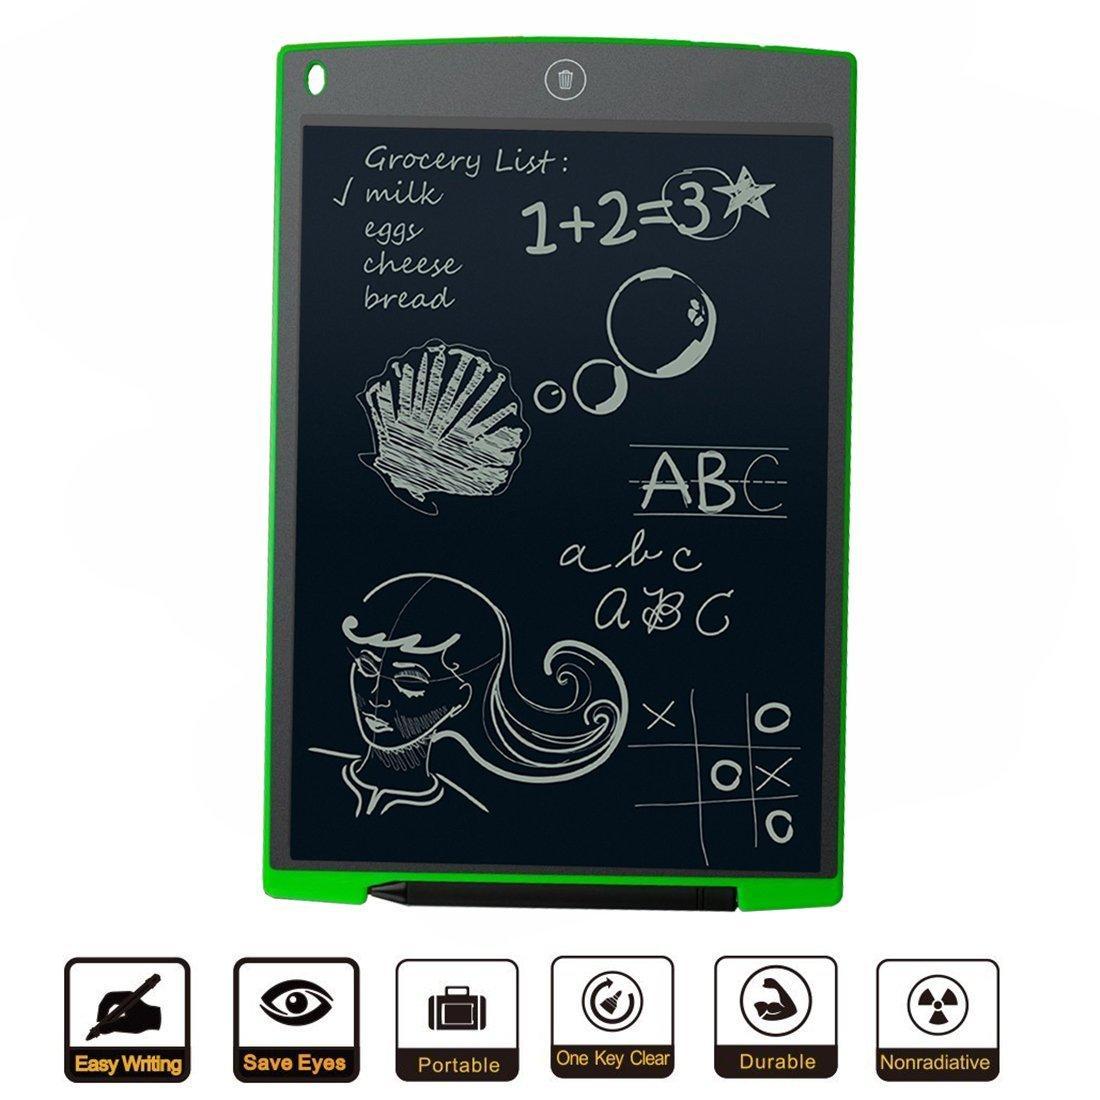 Mua Bảng viết/vẽ màn hình LCD 8.5 inch Tại Vua giá rẻ